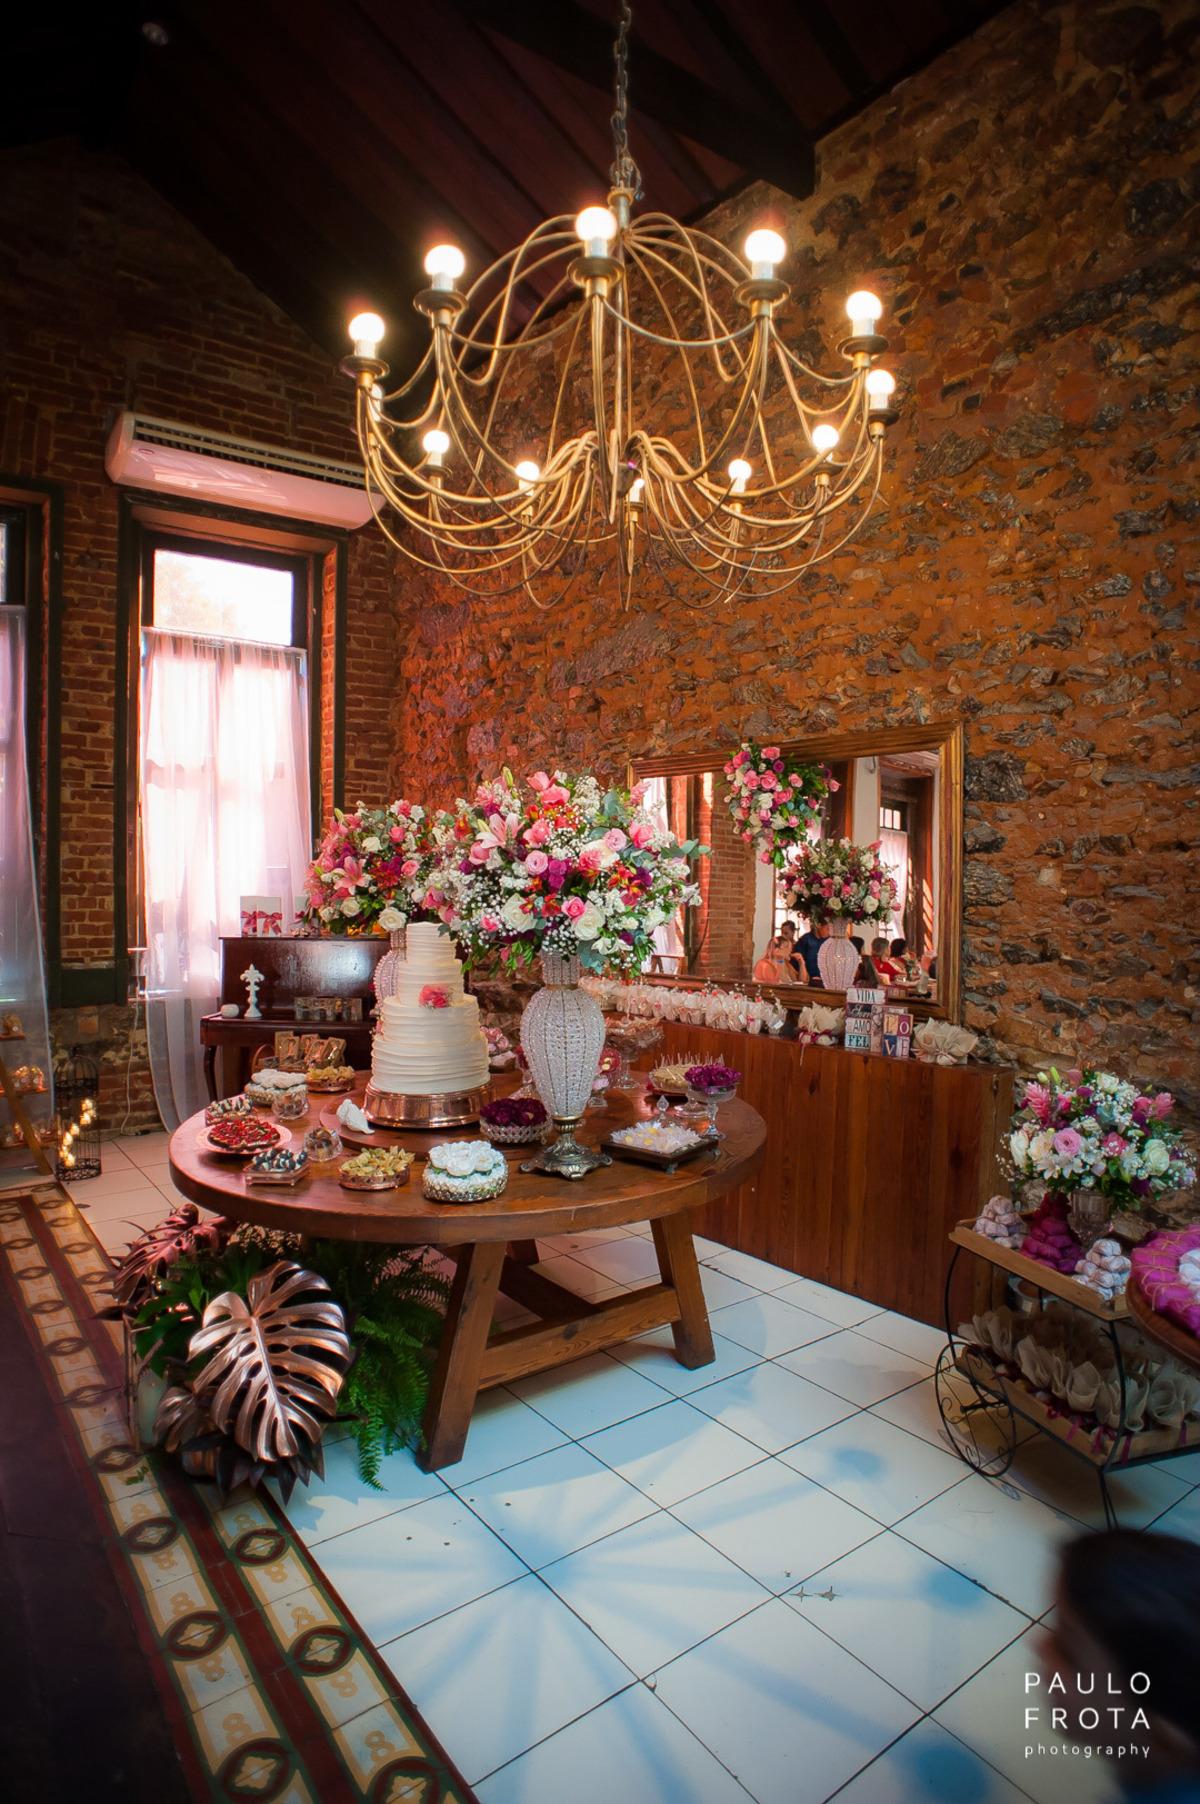 decoração de casamento restaurante a mineira Niteroi